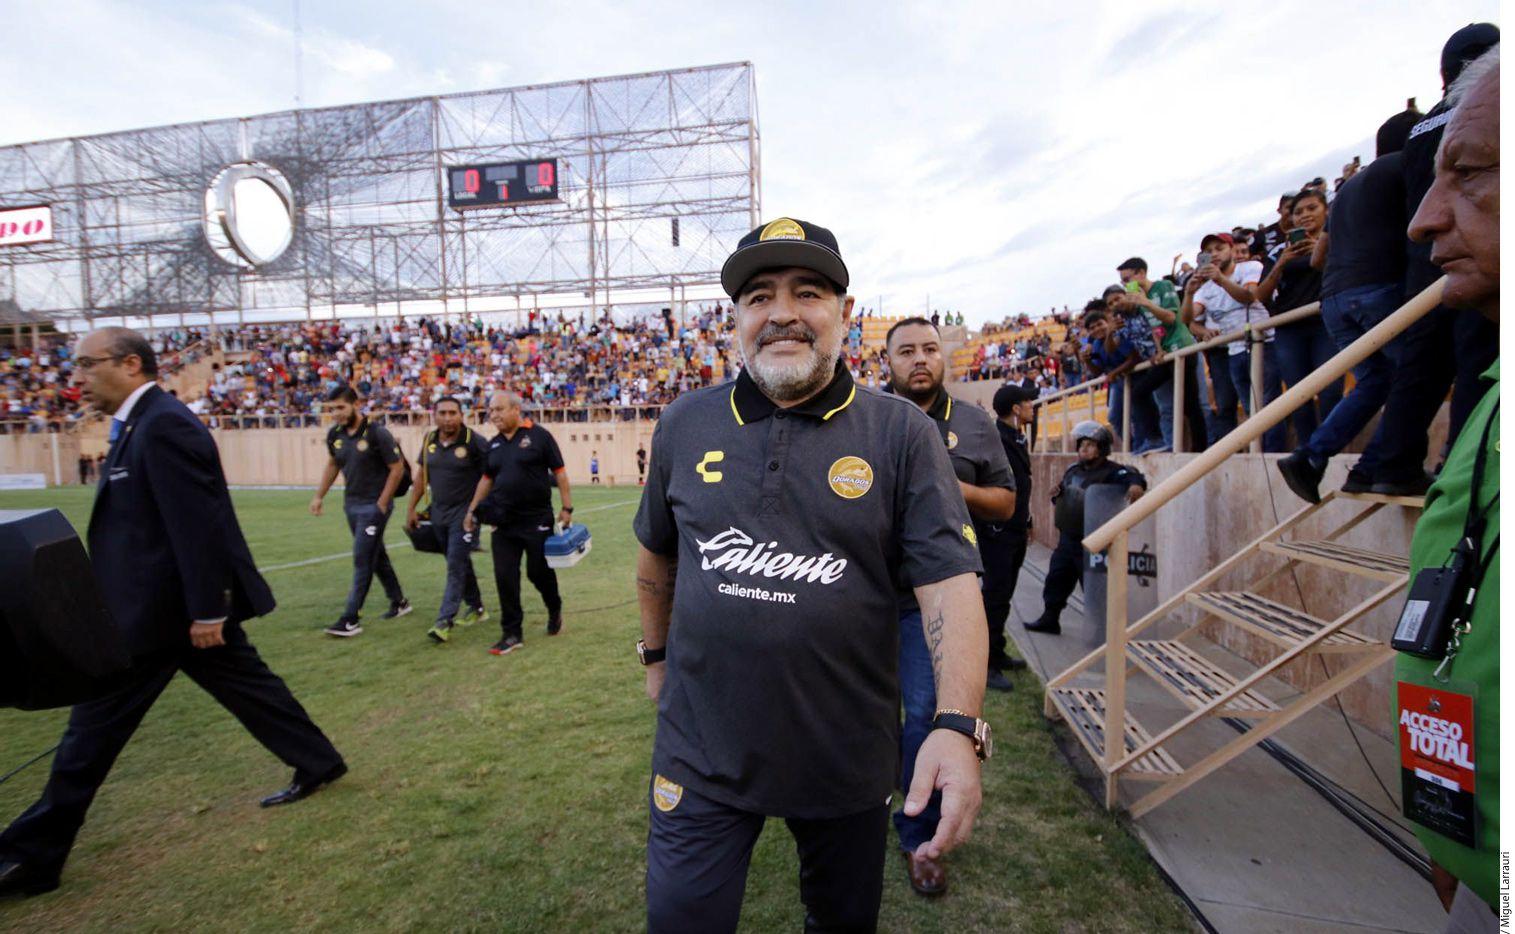 Hace unos días, medios argentinos establecieron que Diego Armando Maradona (centro) estaba molesto con la directiva del Gran Pez, por la salida de sus auxiliares, Mario García y Luis Islas./ AGENCIA REFORMA